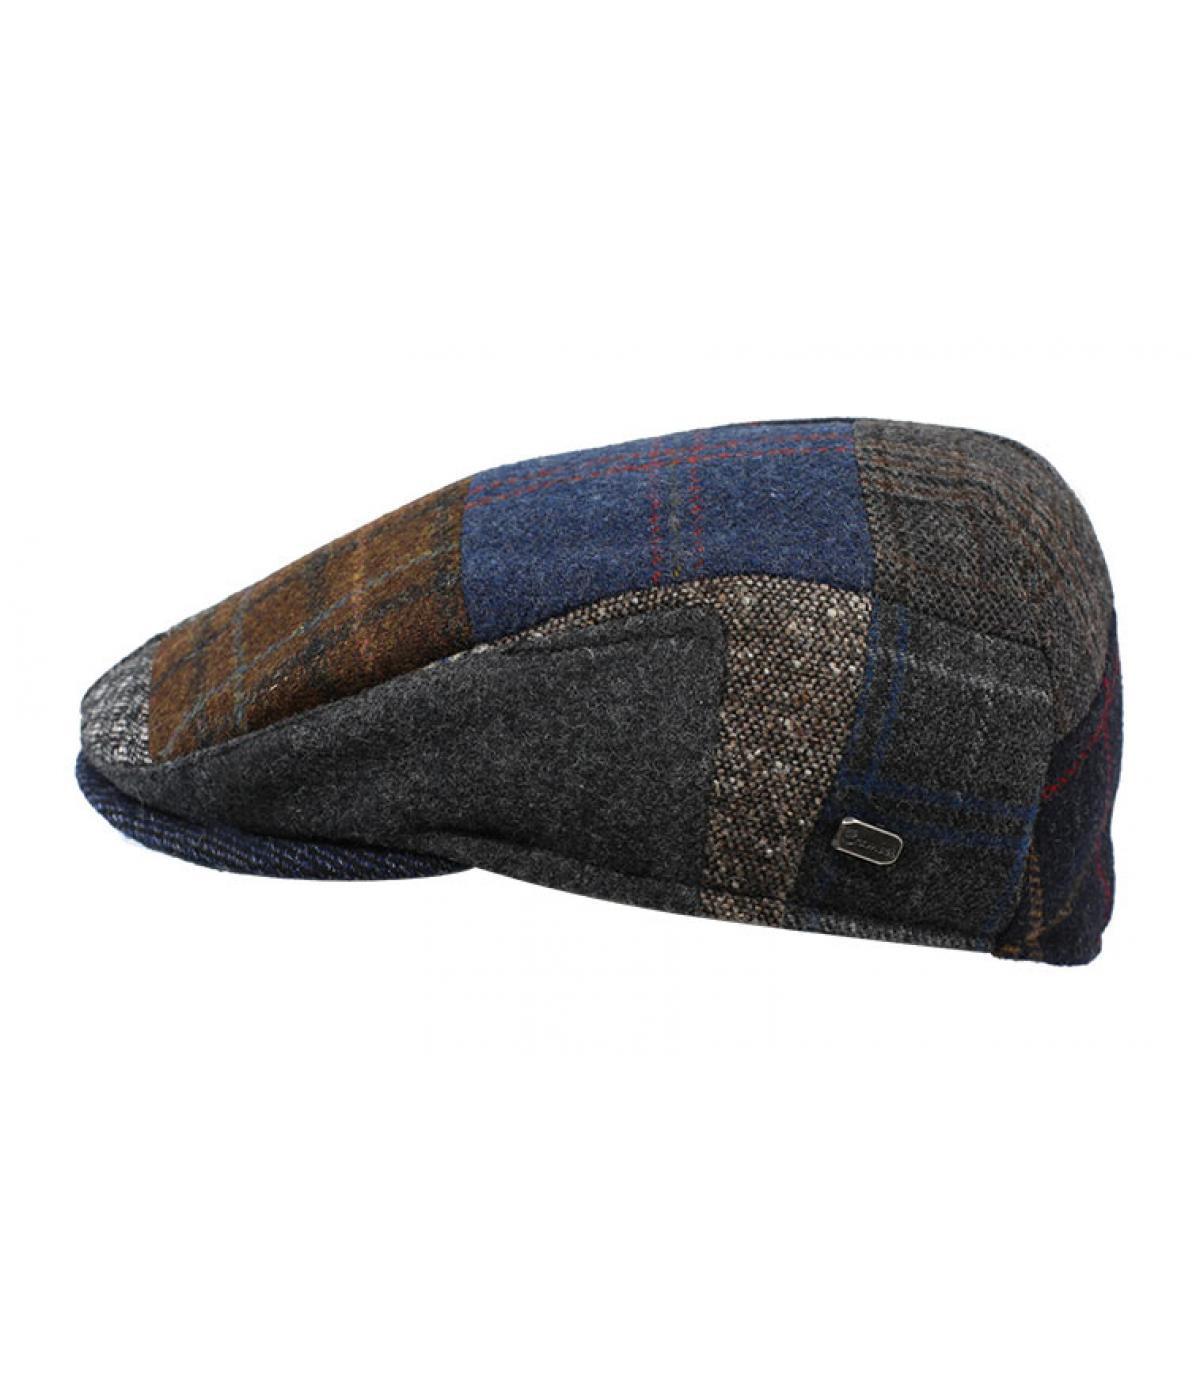 Gorro plano - Compra venta de Gorros plano. Primera sombrerería en línea.  Entrega en 48 72horas. b3f8cadef95